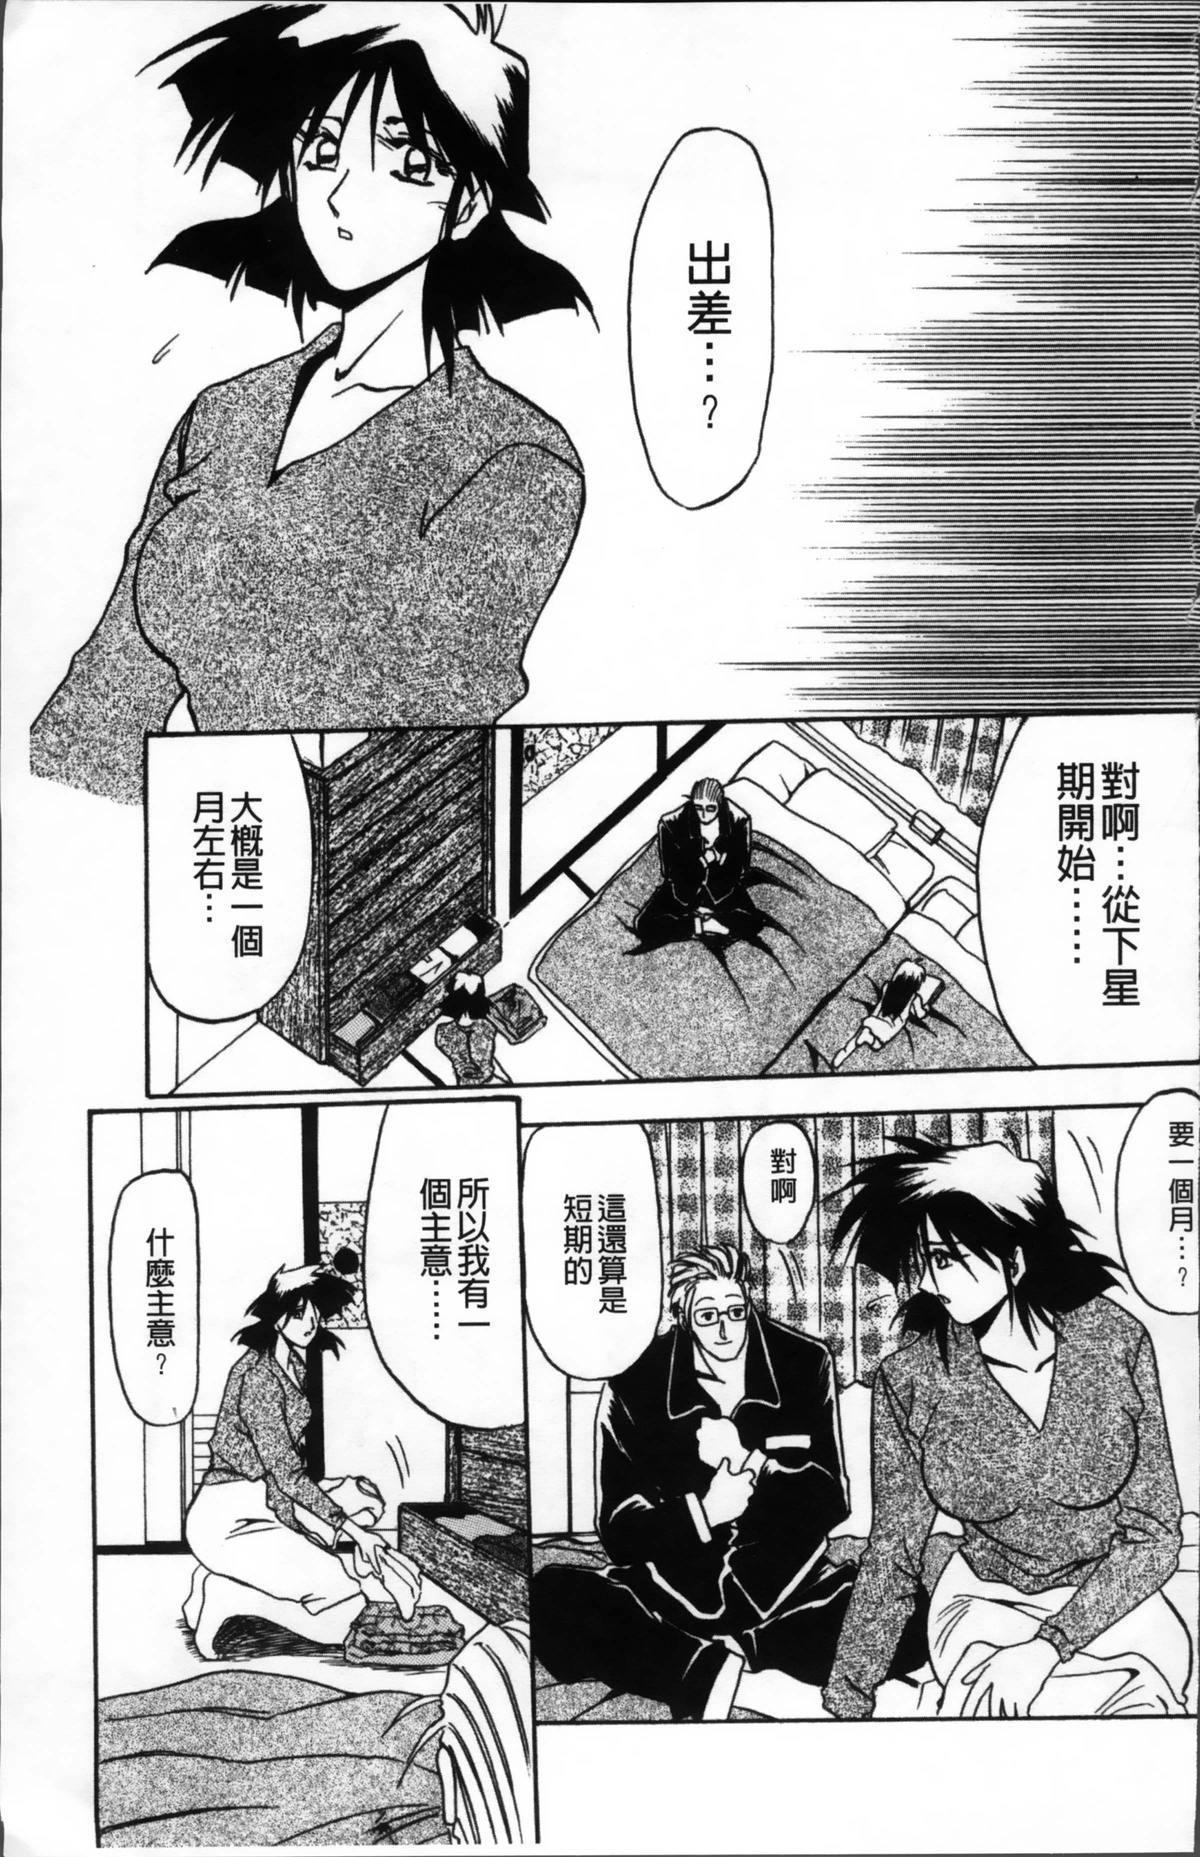 Hiiro no Koku Kanzenban   緋色之刻 完全版 120